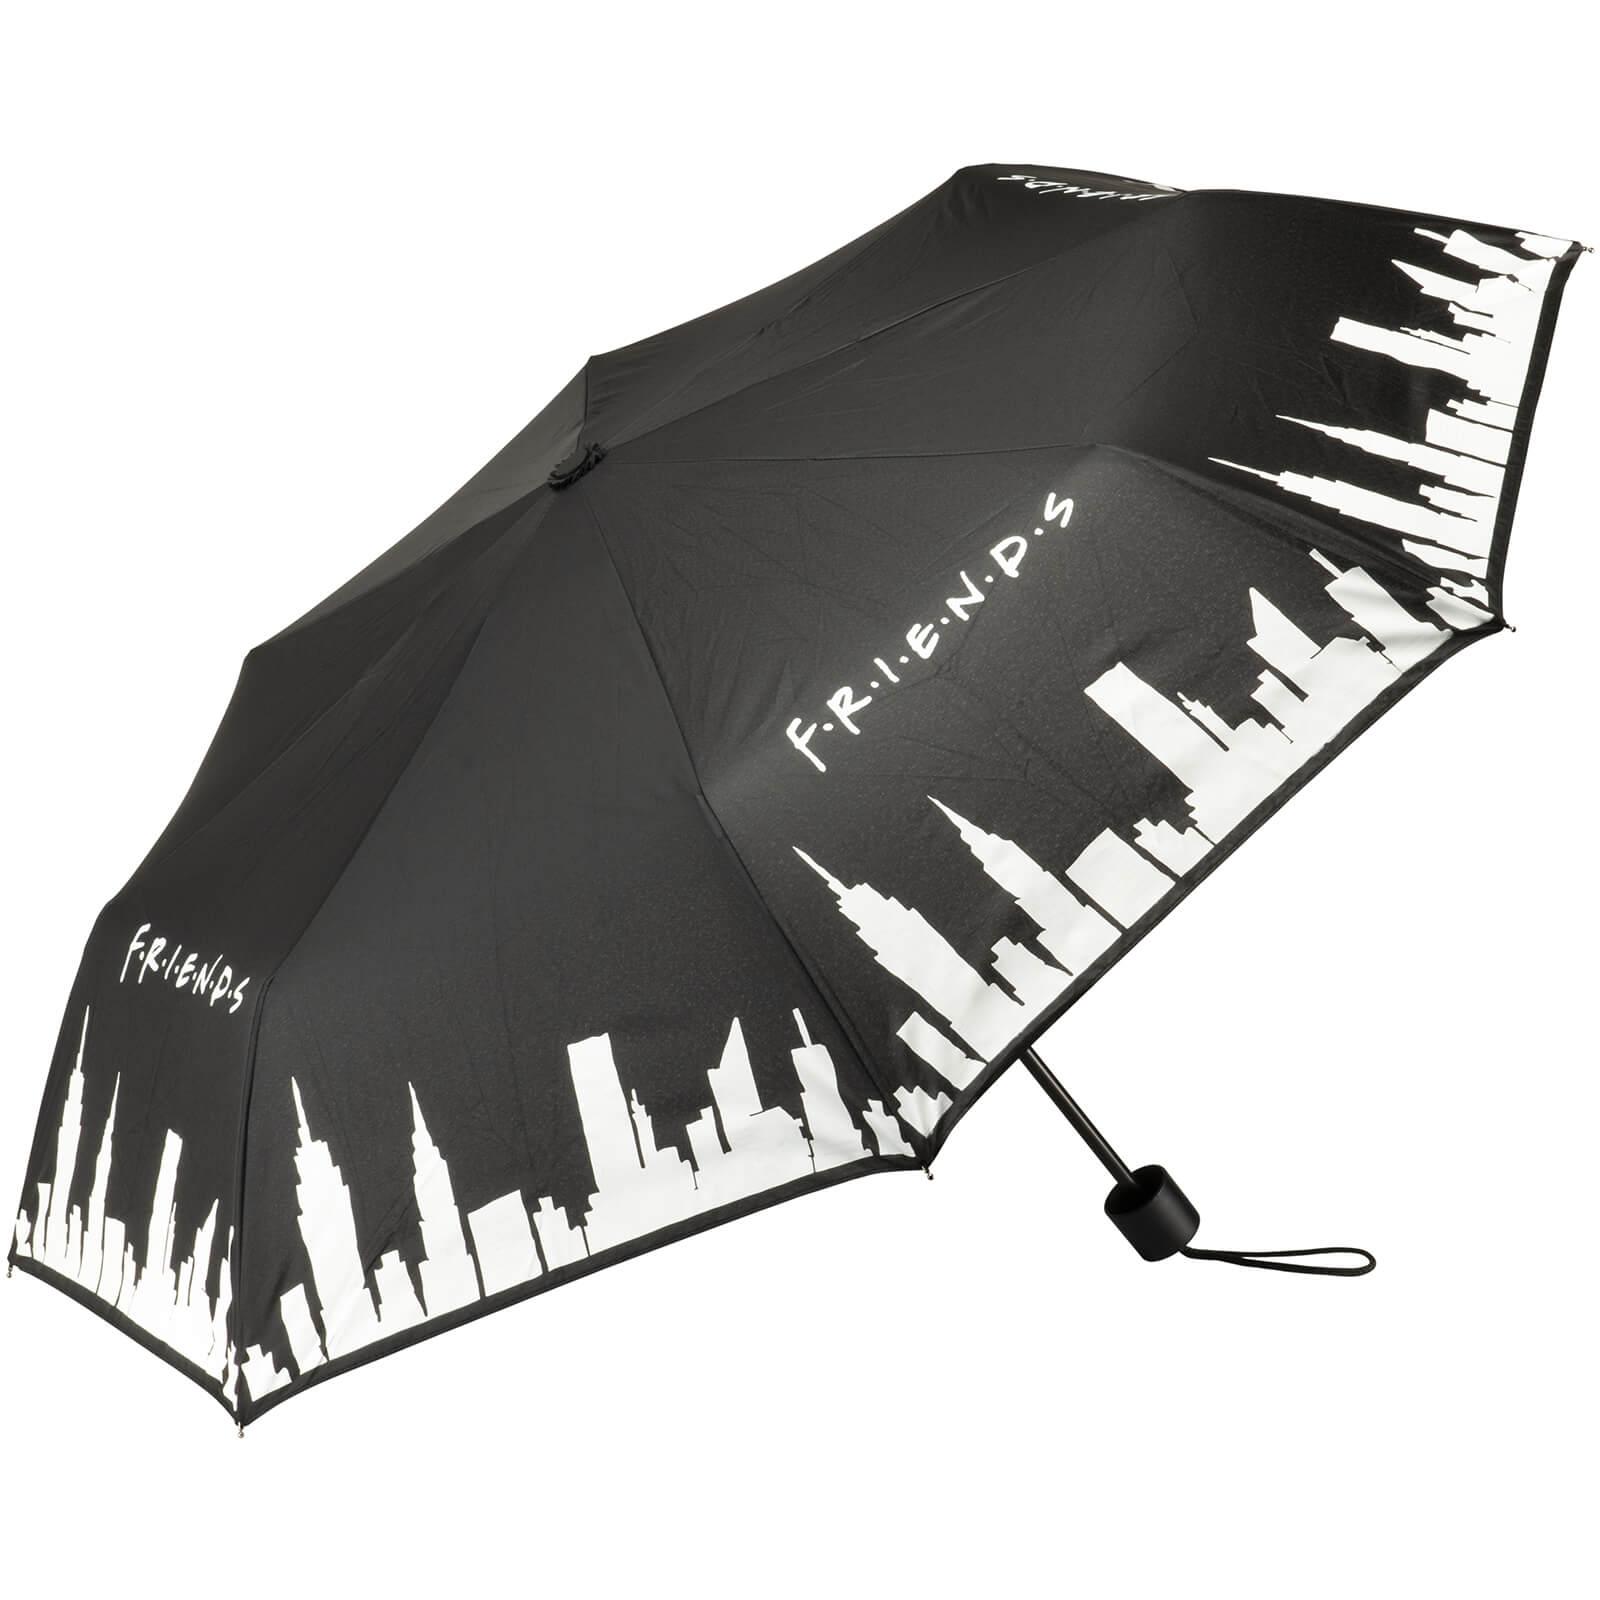 Friends Colour Change Umbrella